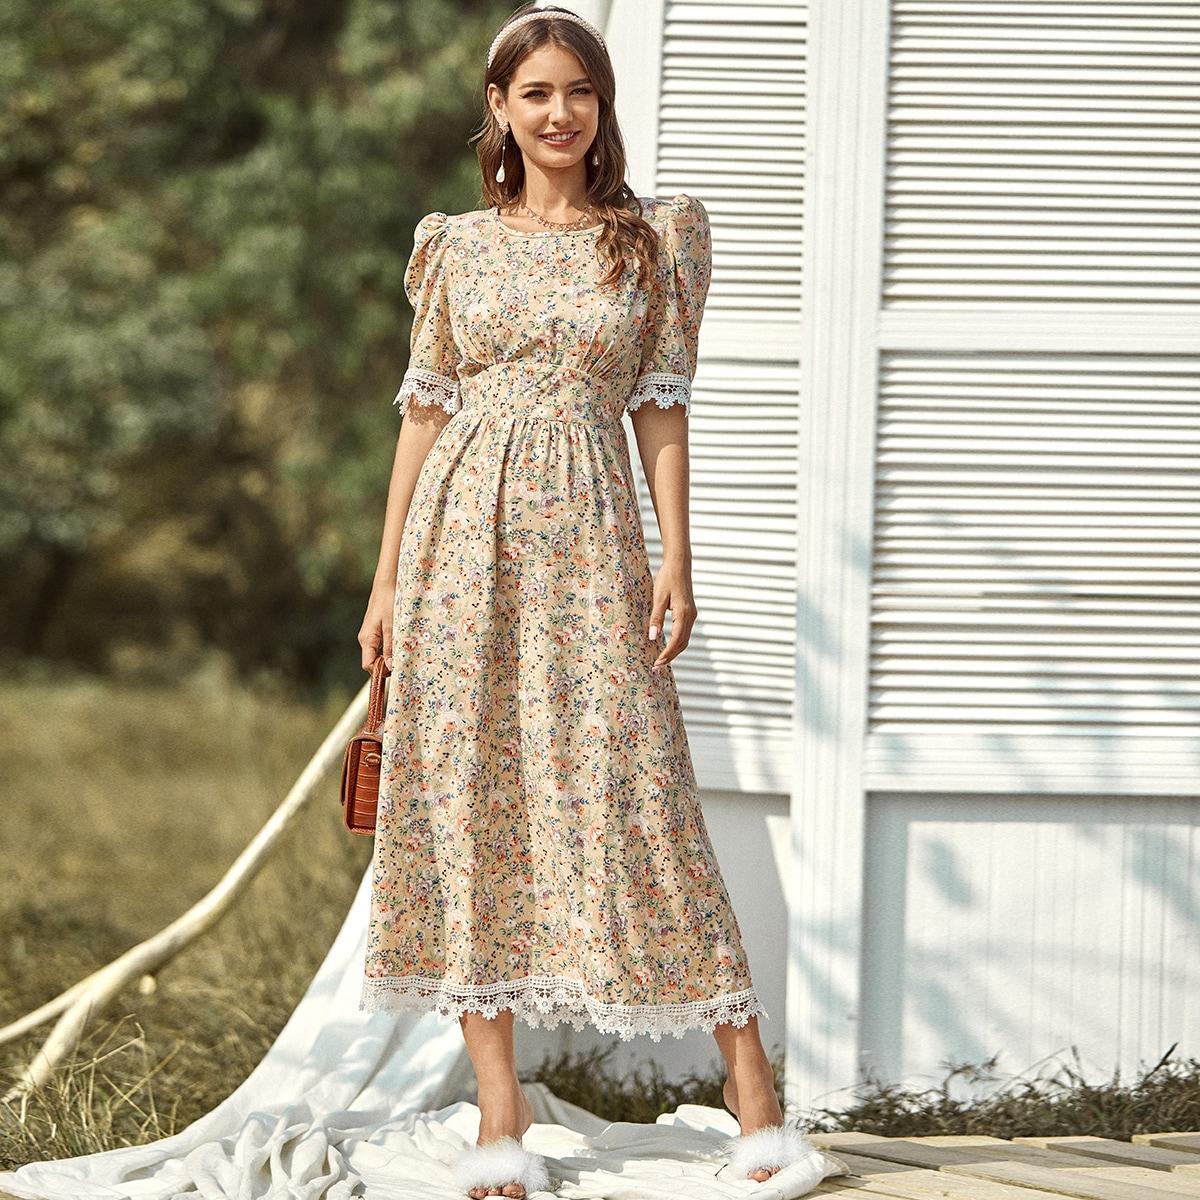 Цветочное платье с пышными рукавами и кружевом